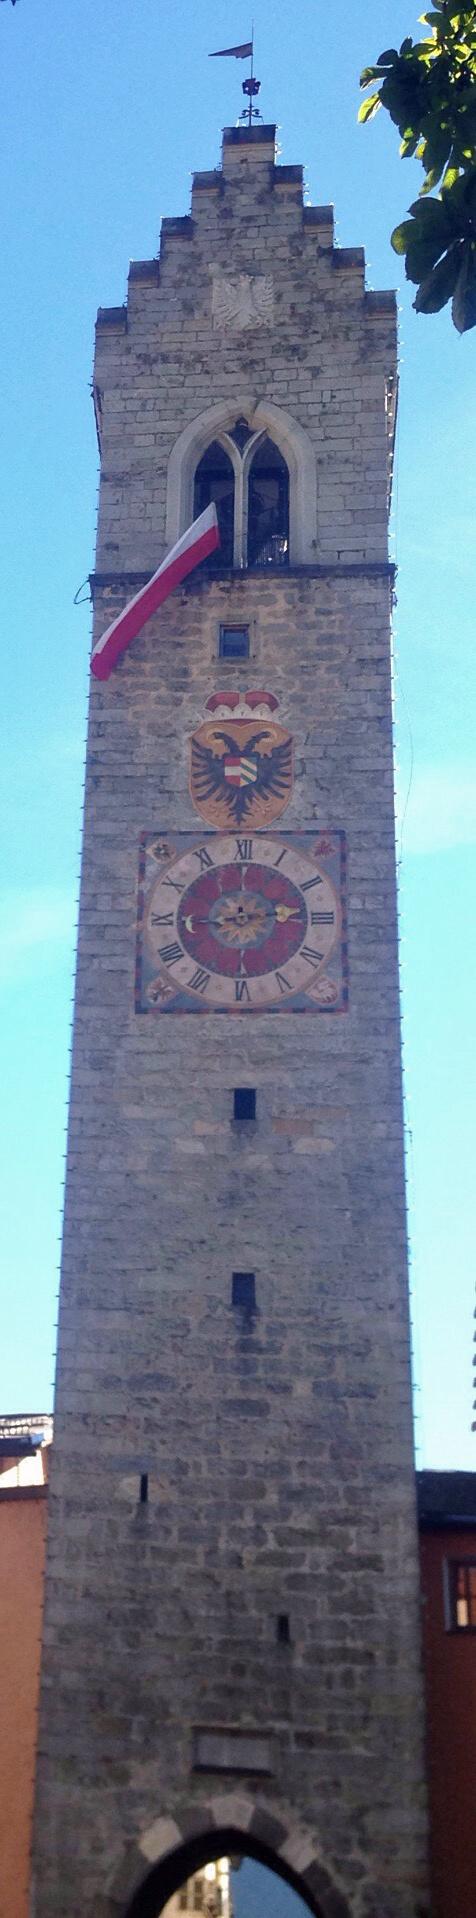 Stadtturm Sterzing